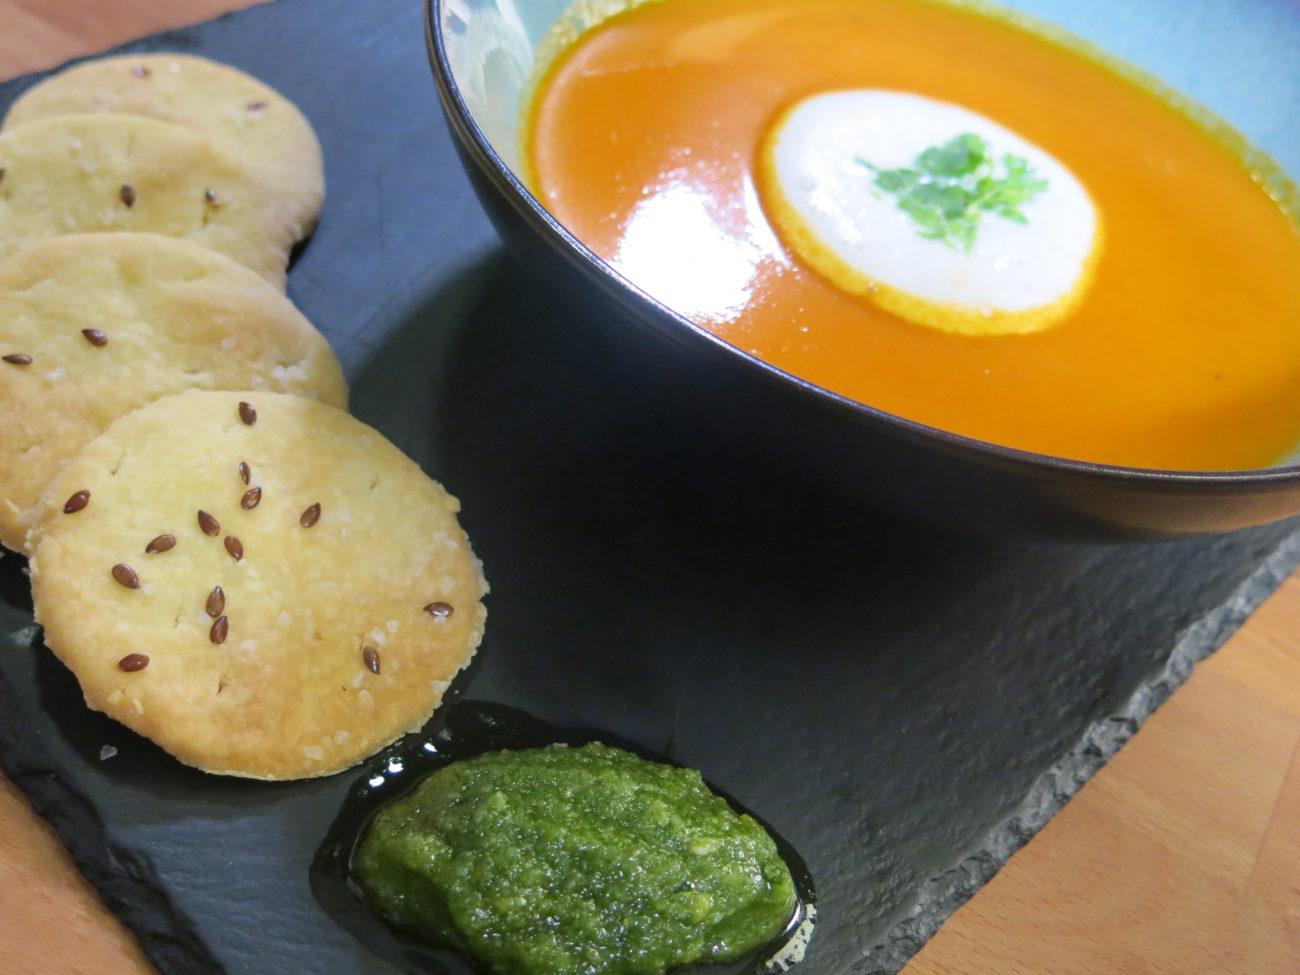 Supa od pečenog paradajza sa krekerima, pestom od bosiljka i penom od mleka